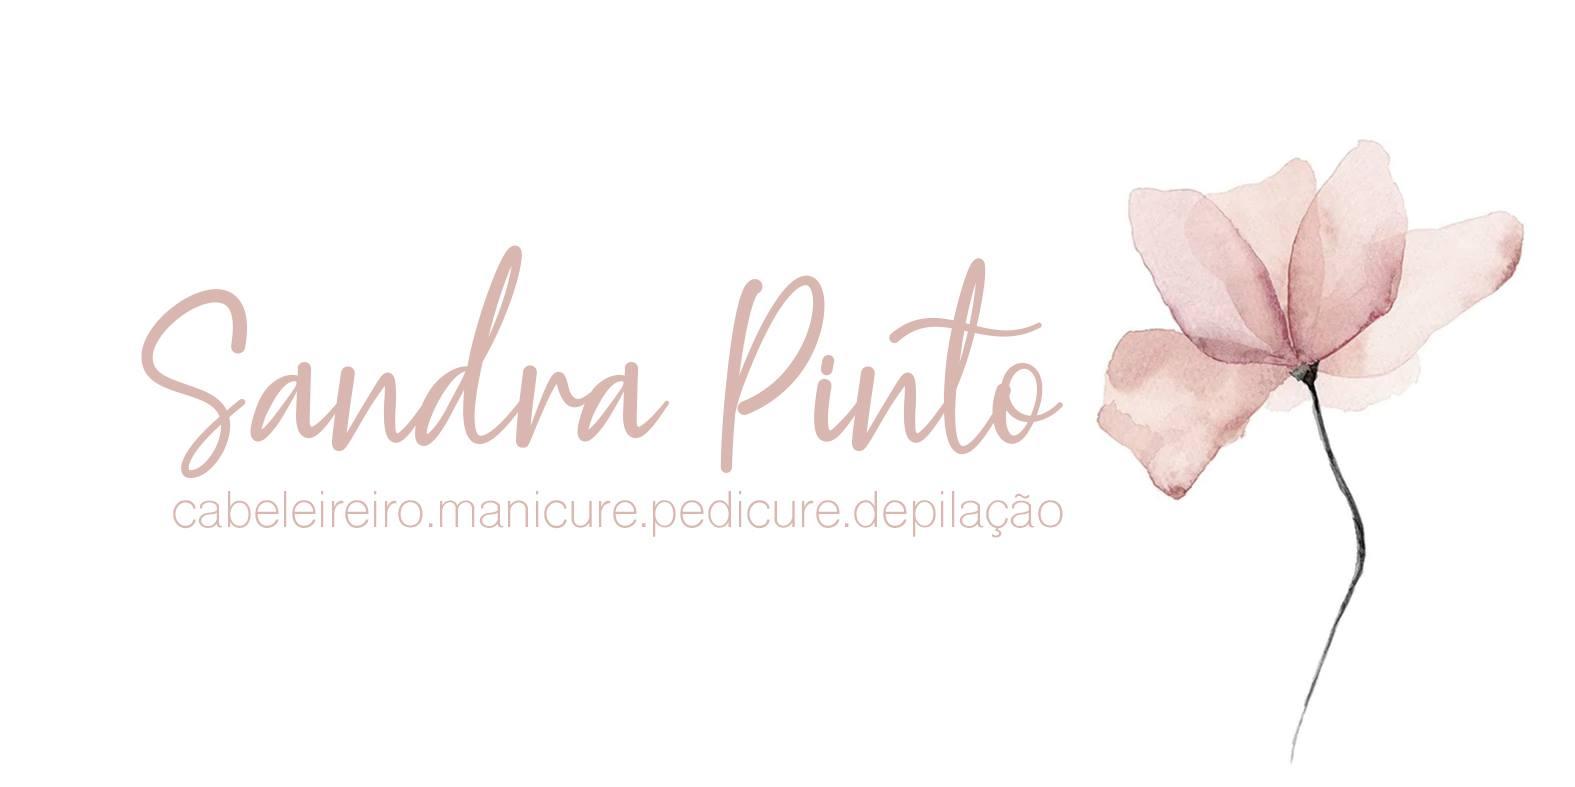 Sandra Pinto Cabeleireiro